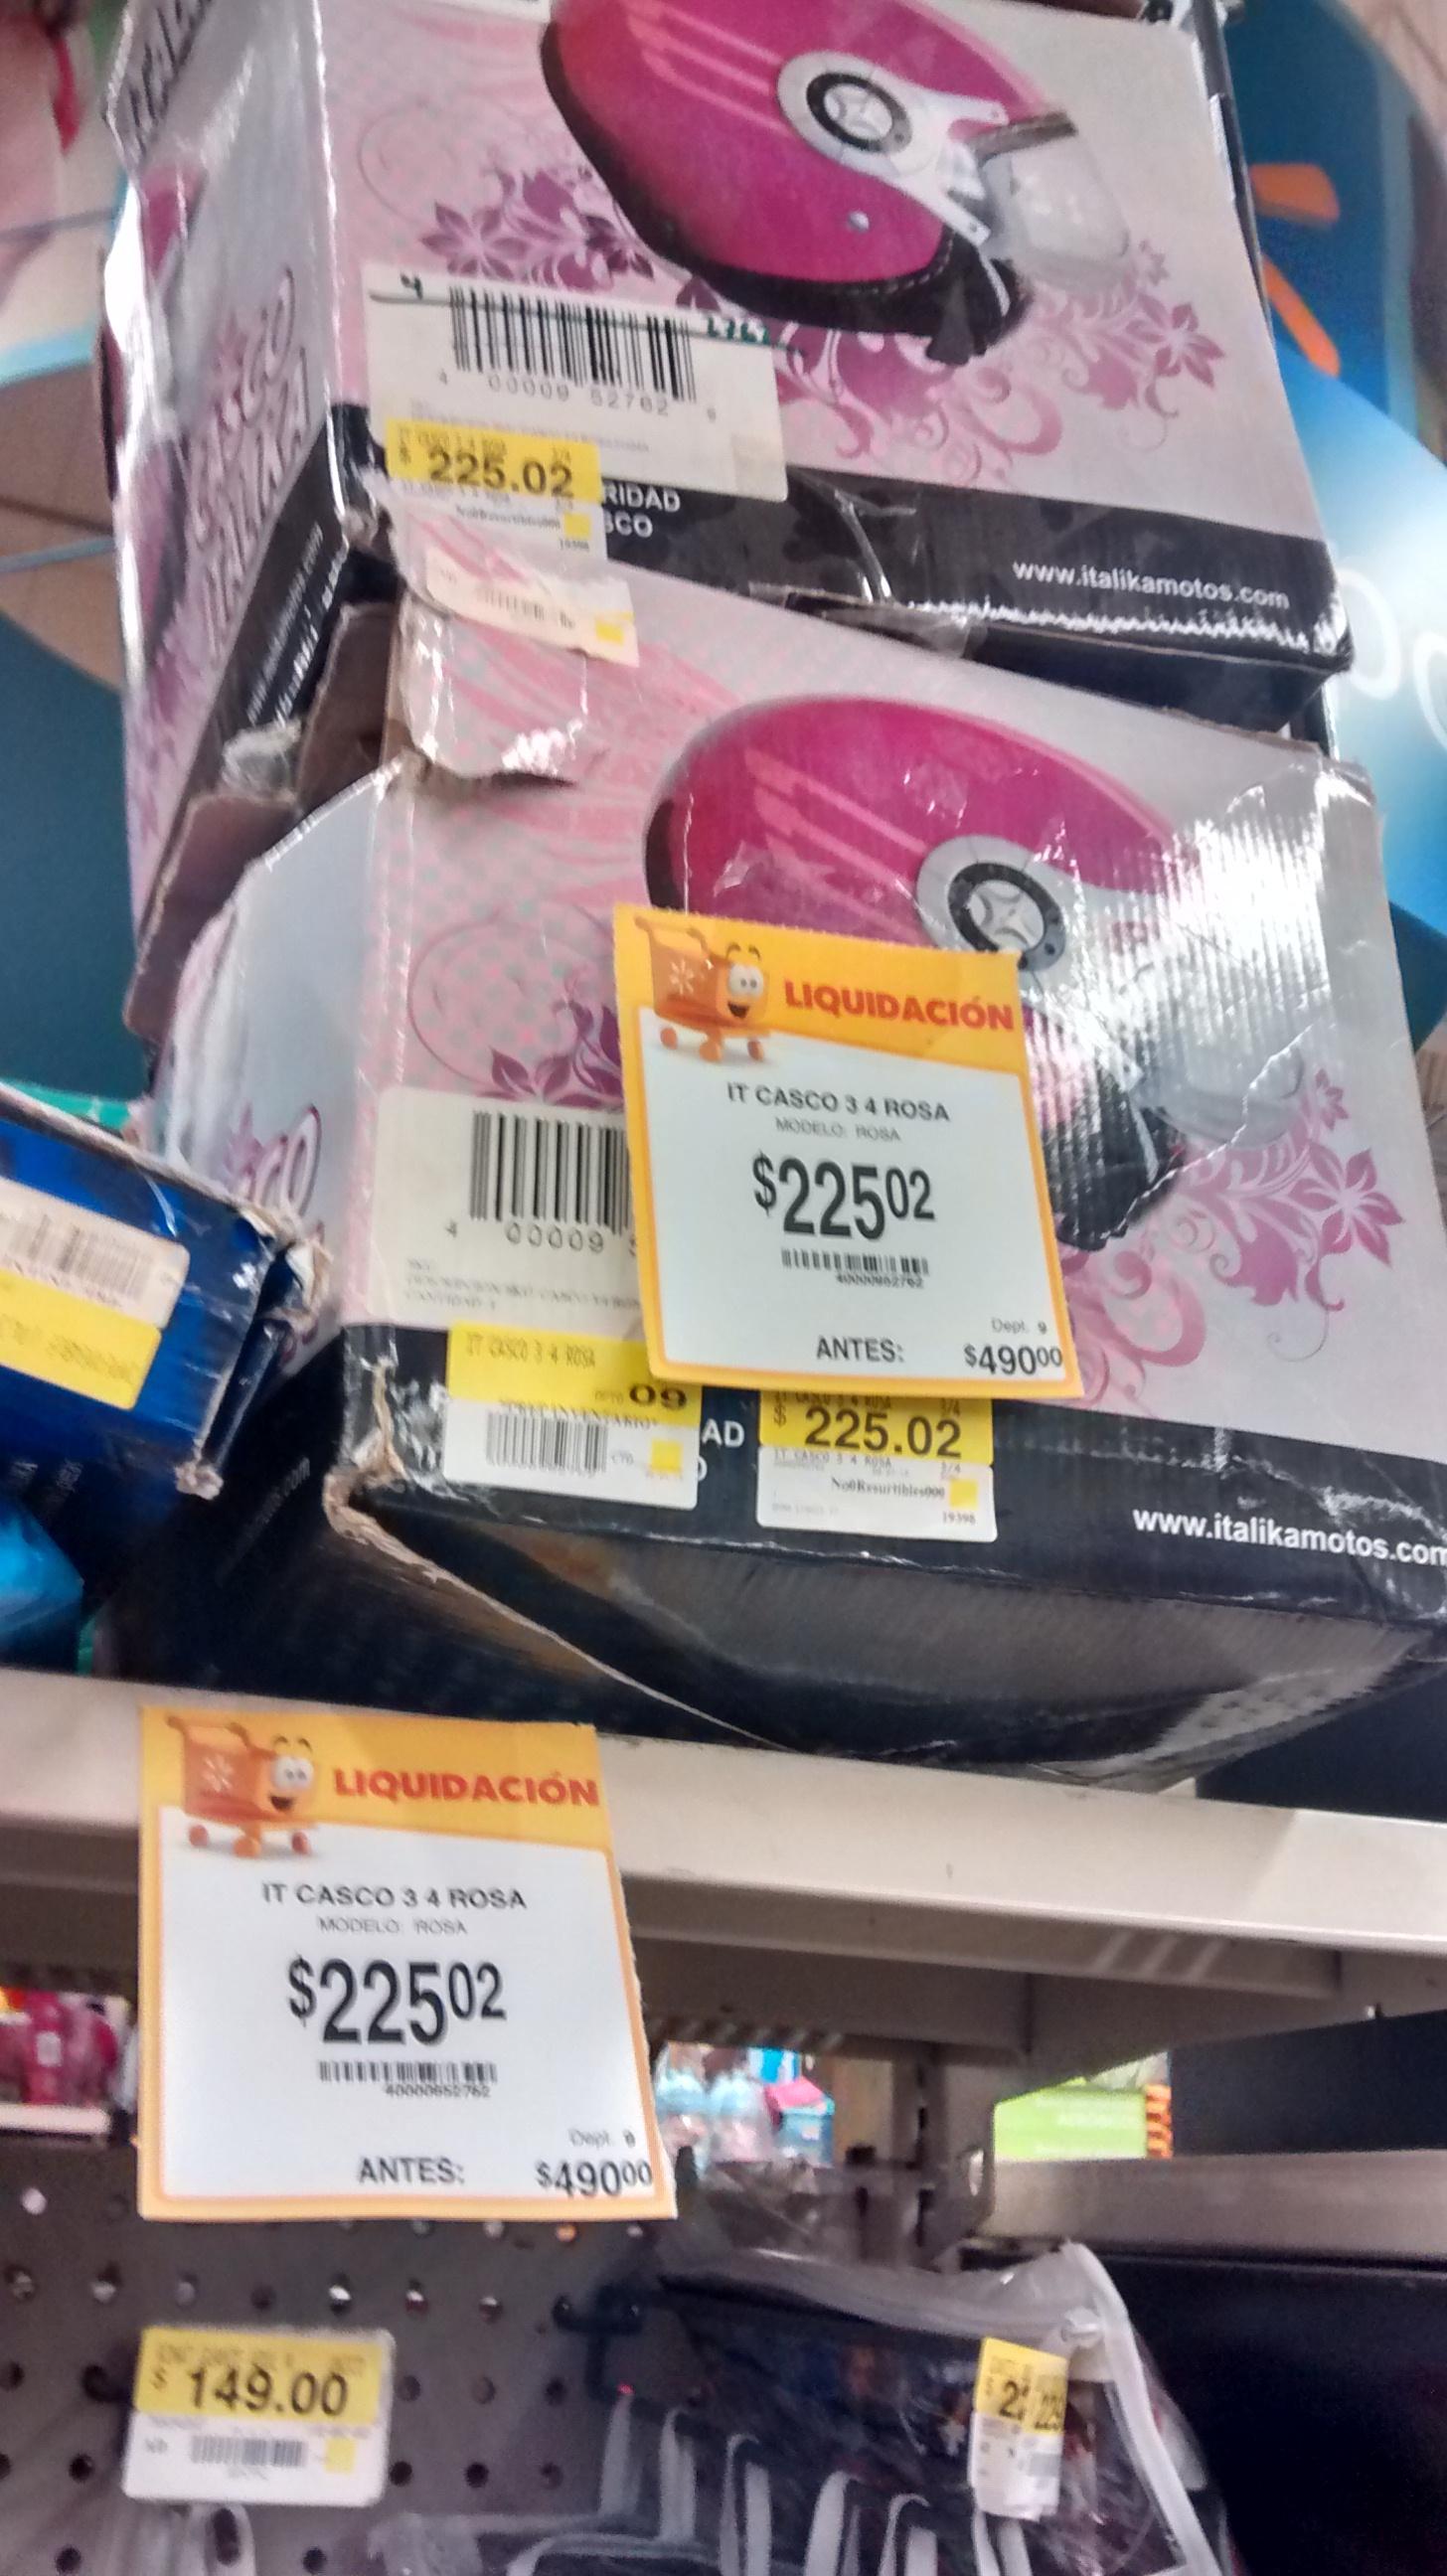 Walmart Casco Italika dama para moto de $490 a $225